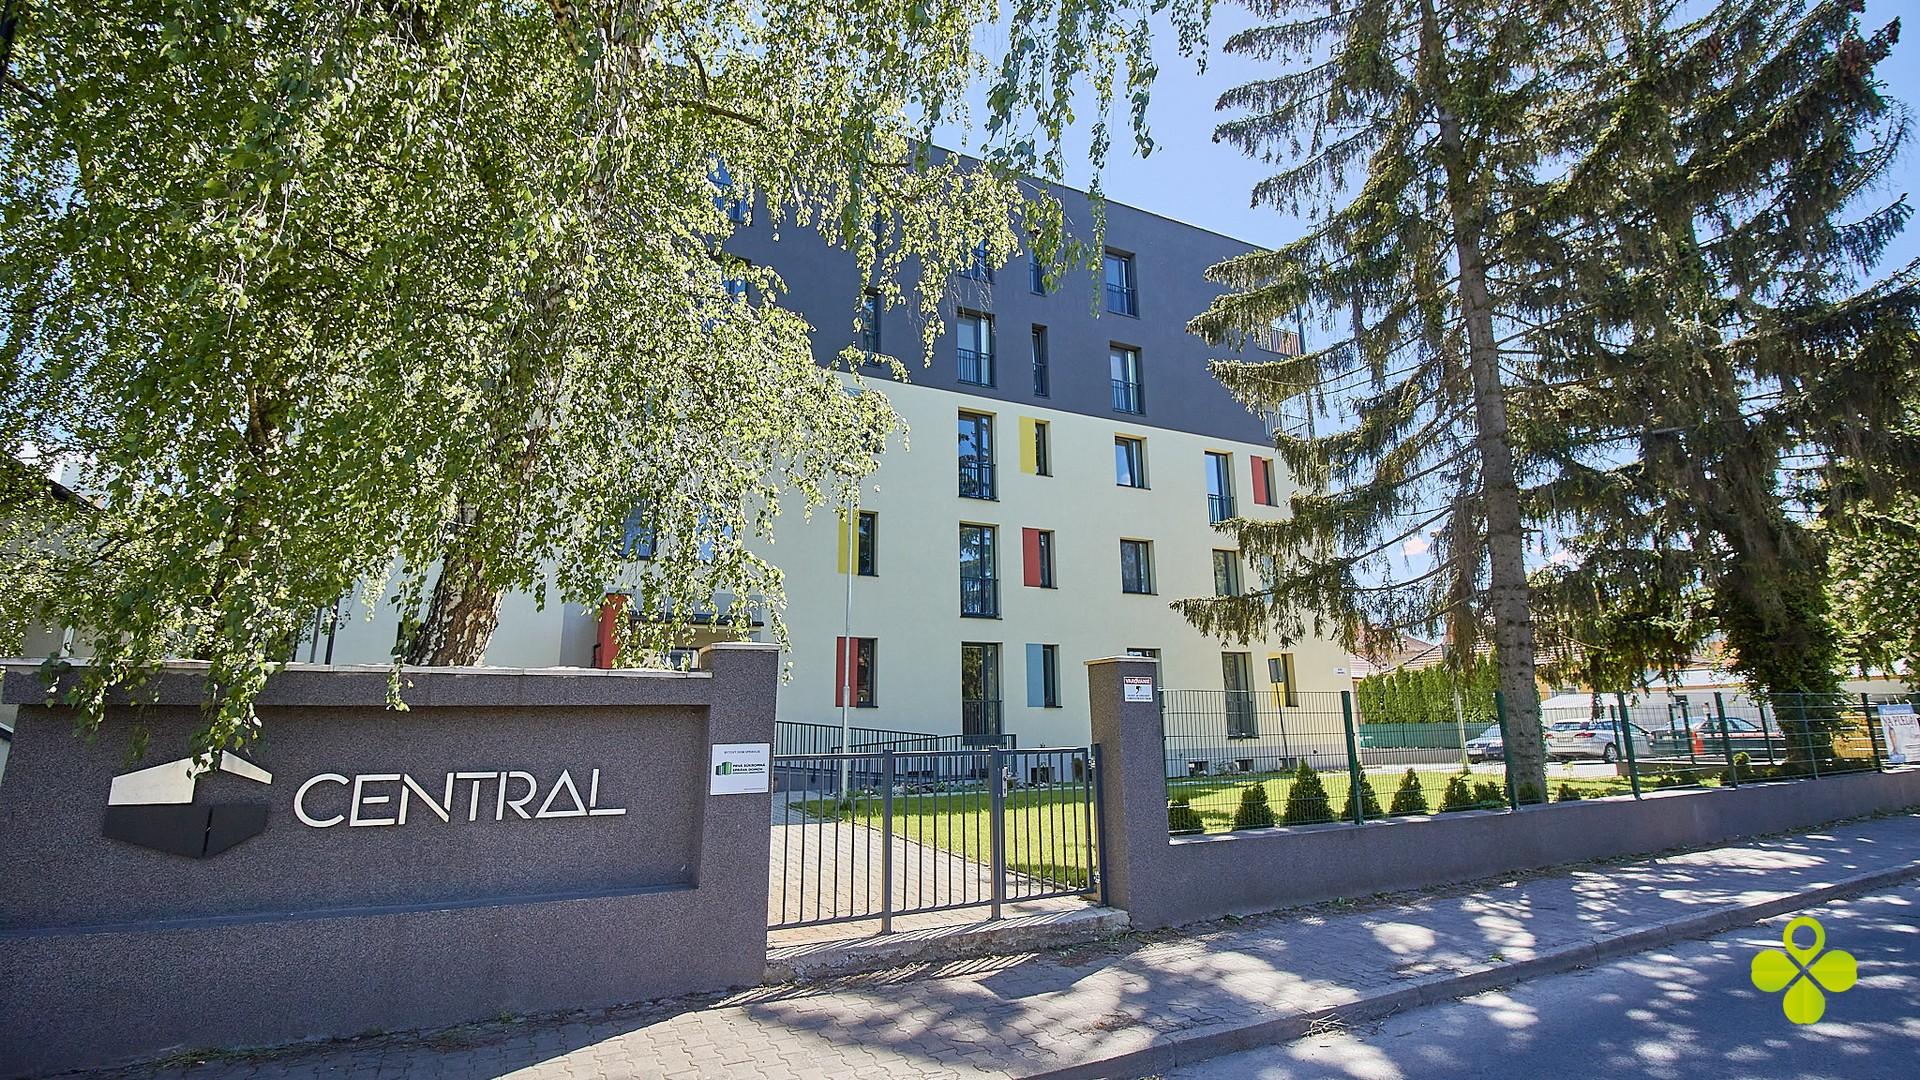 Parkovacie miesto 13 m2 Central Prievidza Ul. T Vansovej